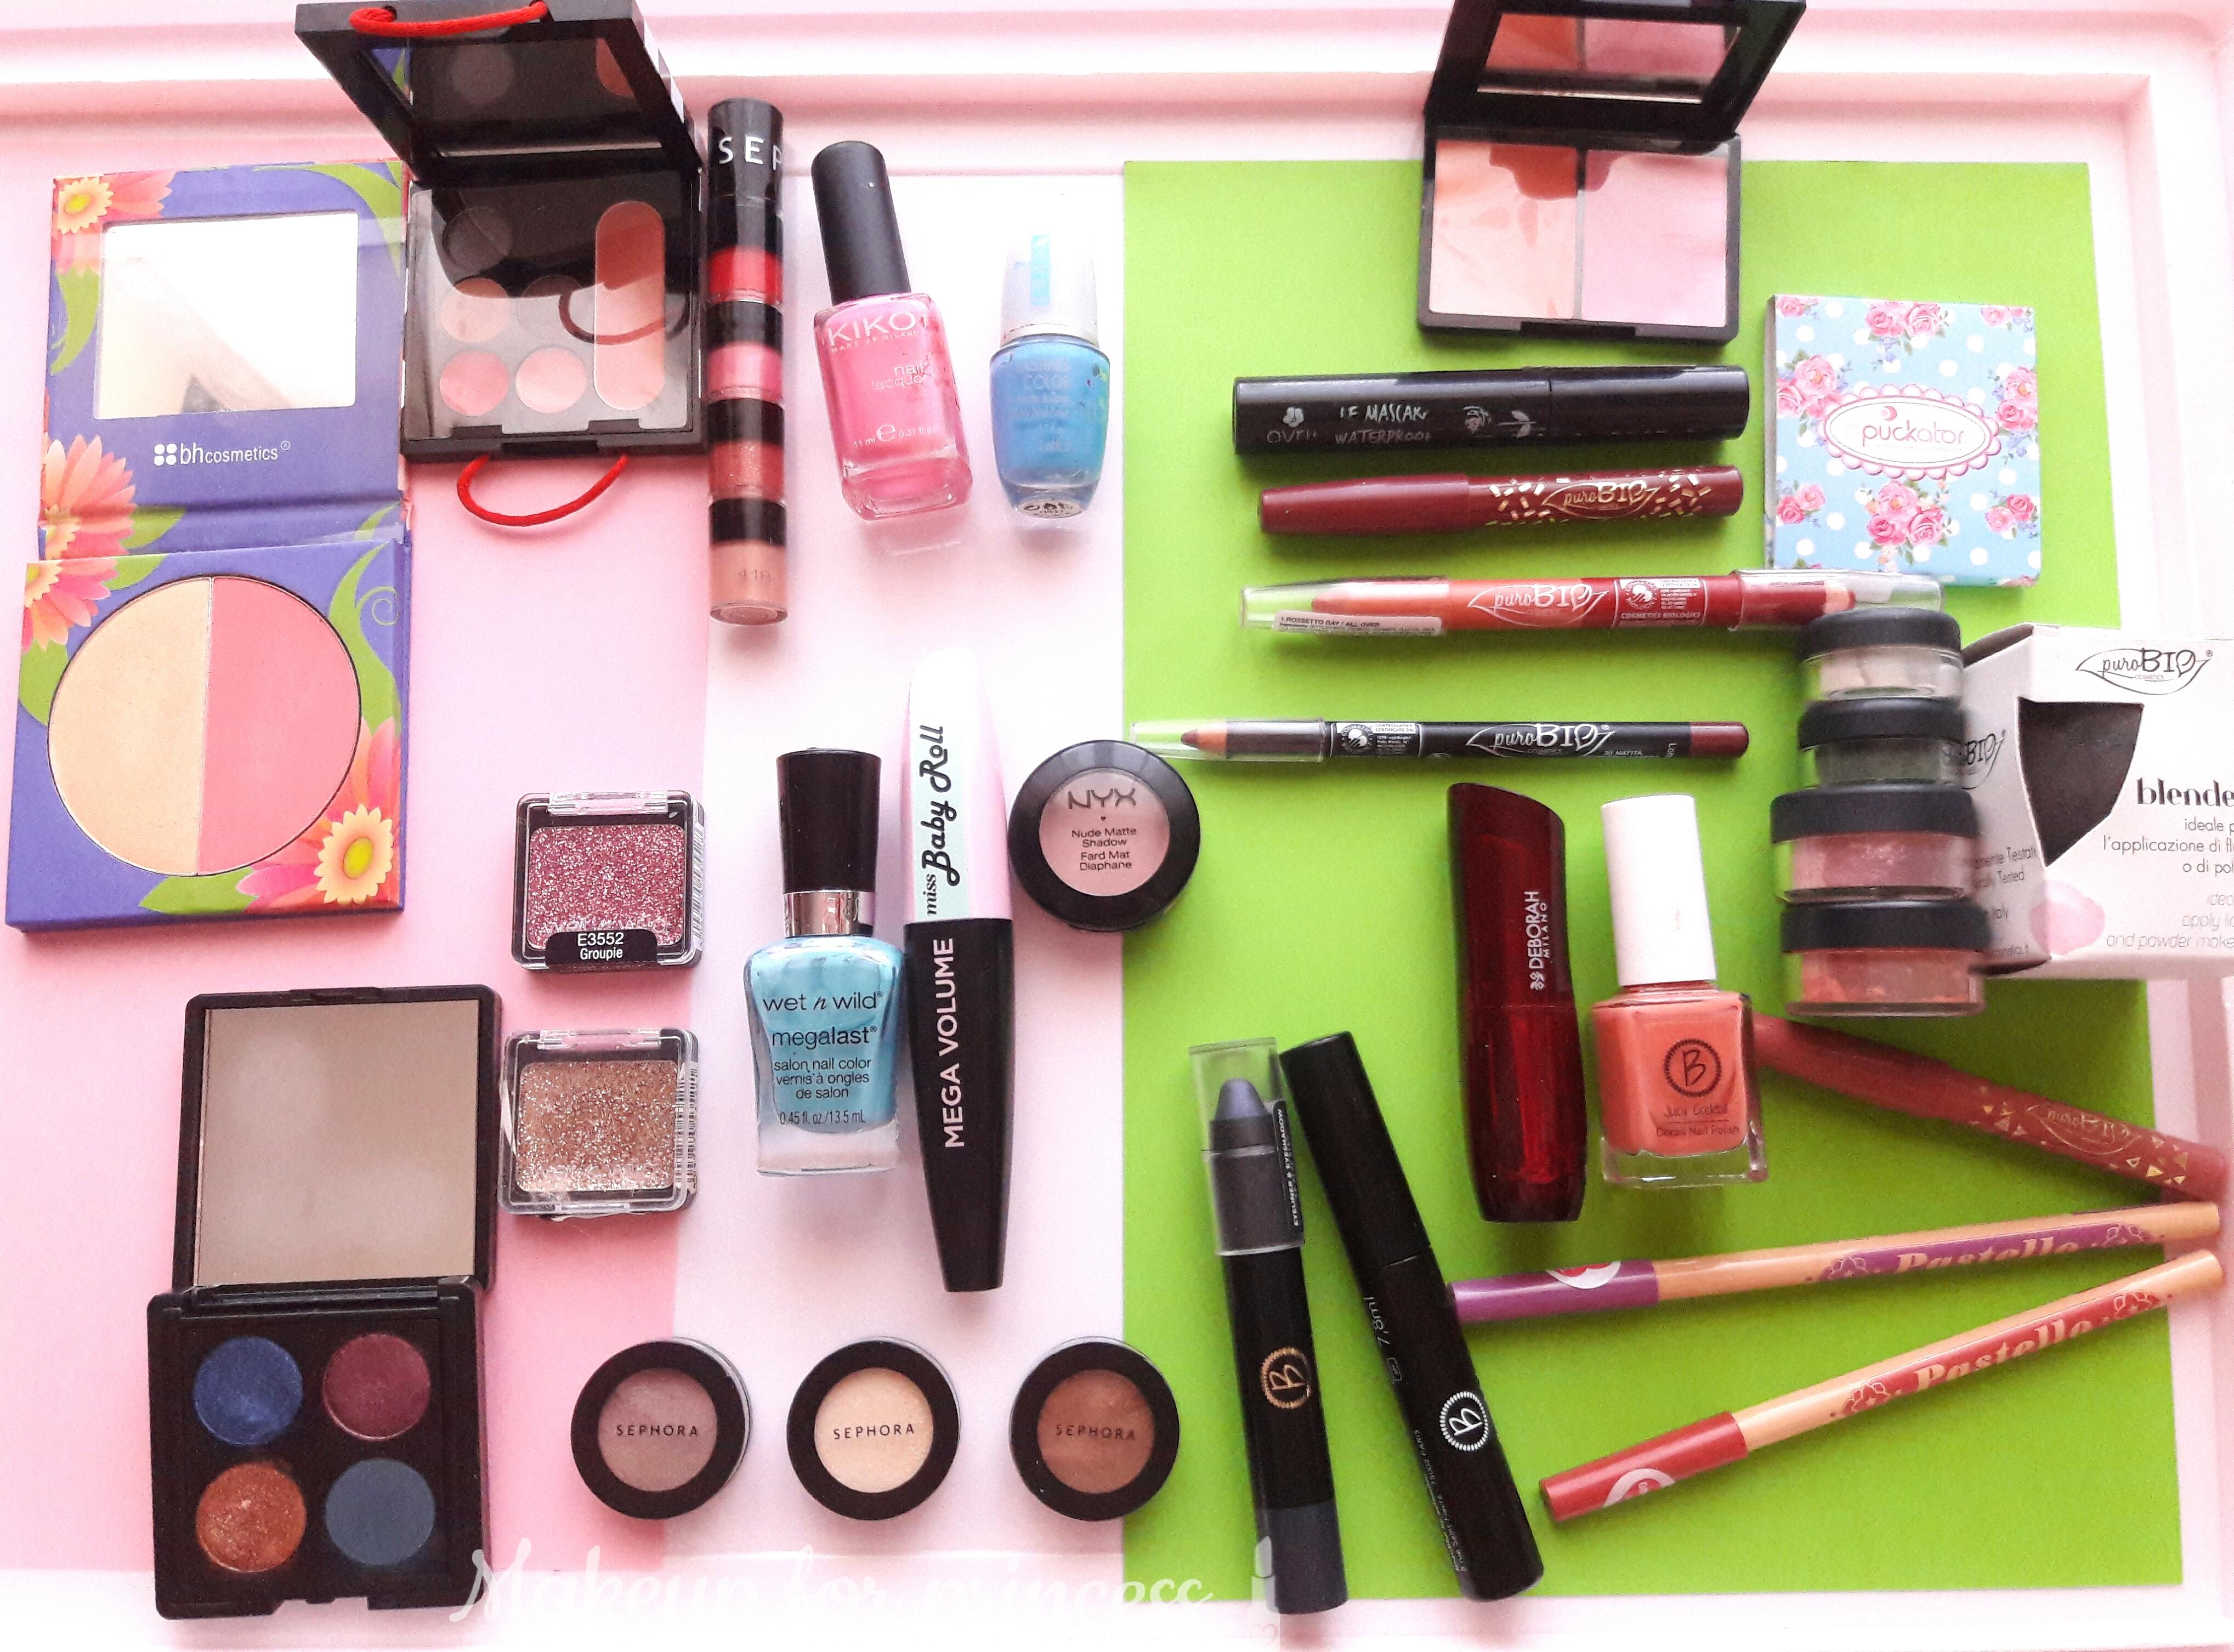 Calendario Dellavvento Makeup Revolution 2020.Come Ricevere Prodotti Di Make Up Gratis Cosmetici Gratuiti